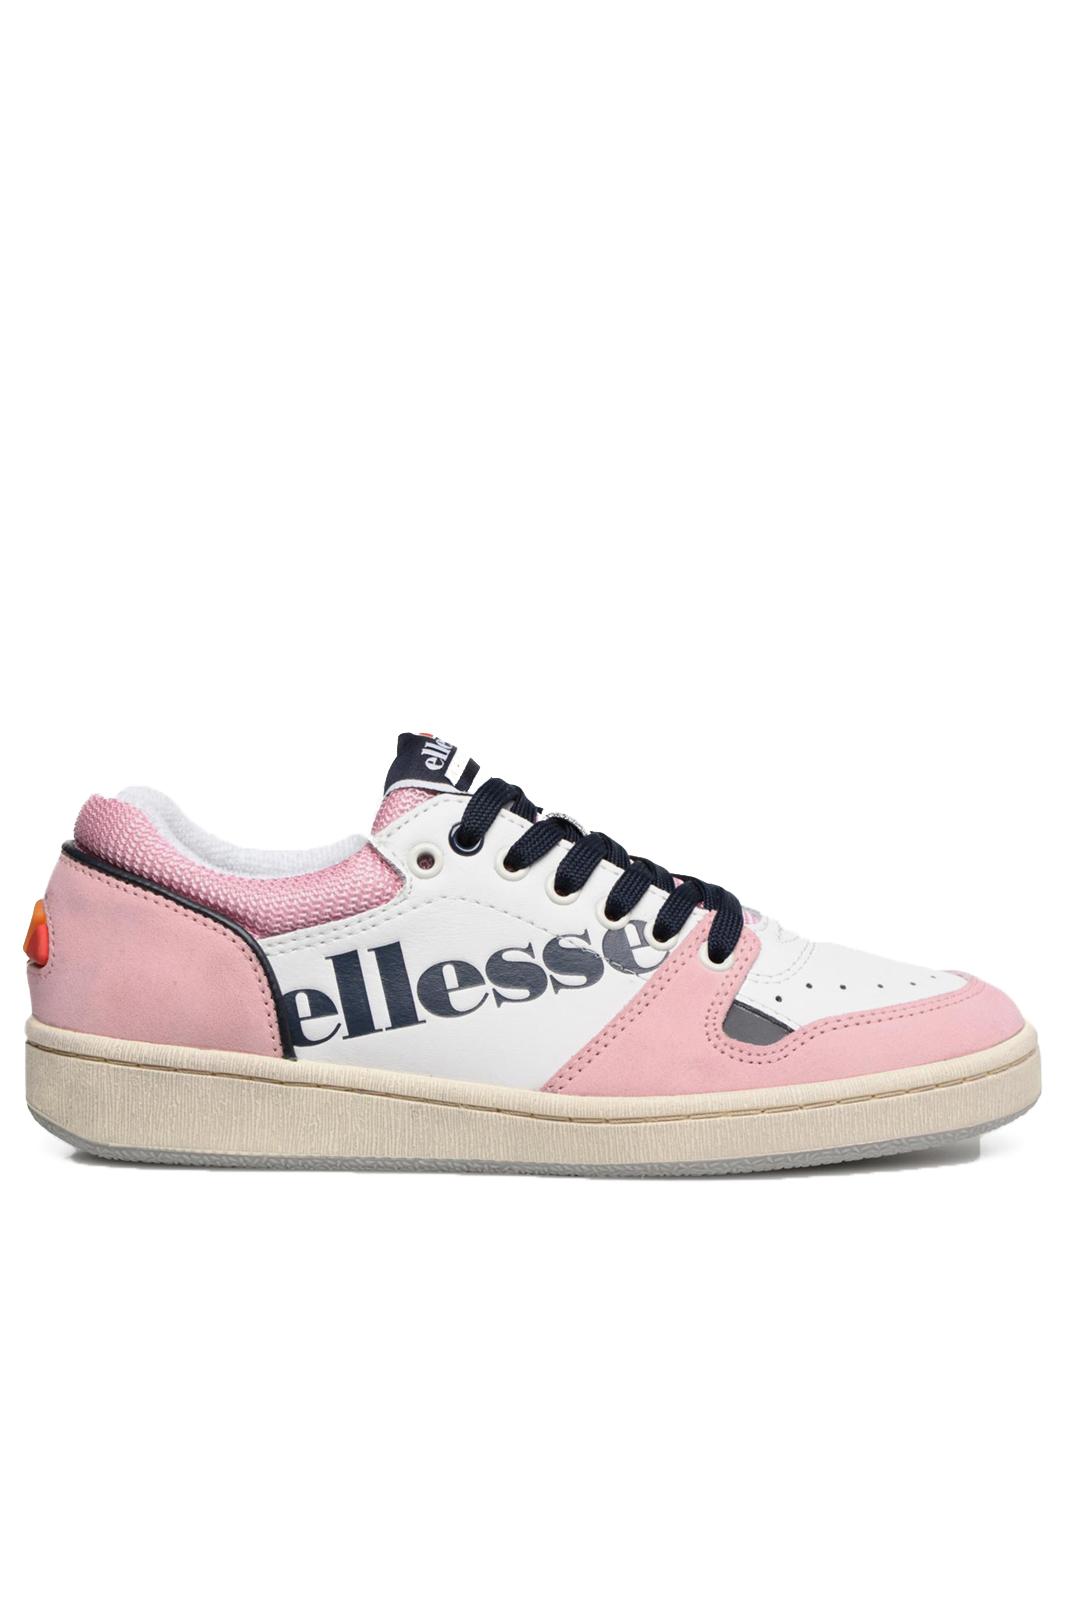 Baskets / Sneakers  Ellesse EL82448 F 04 WHITE PINK PINK